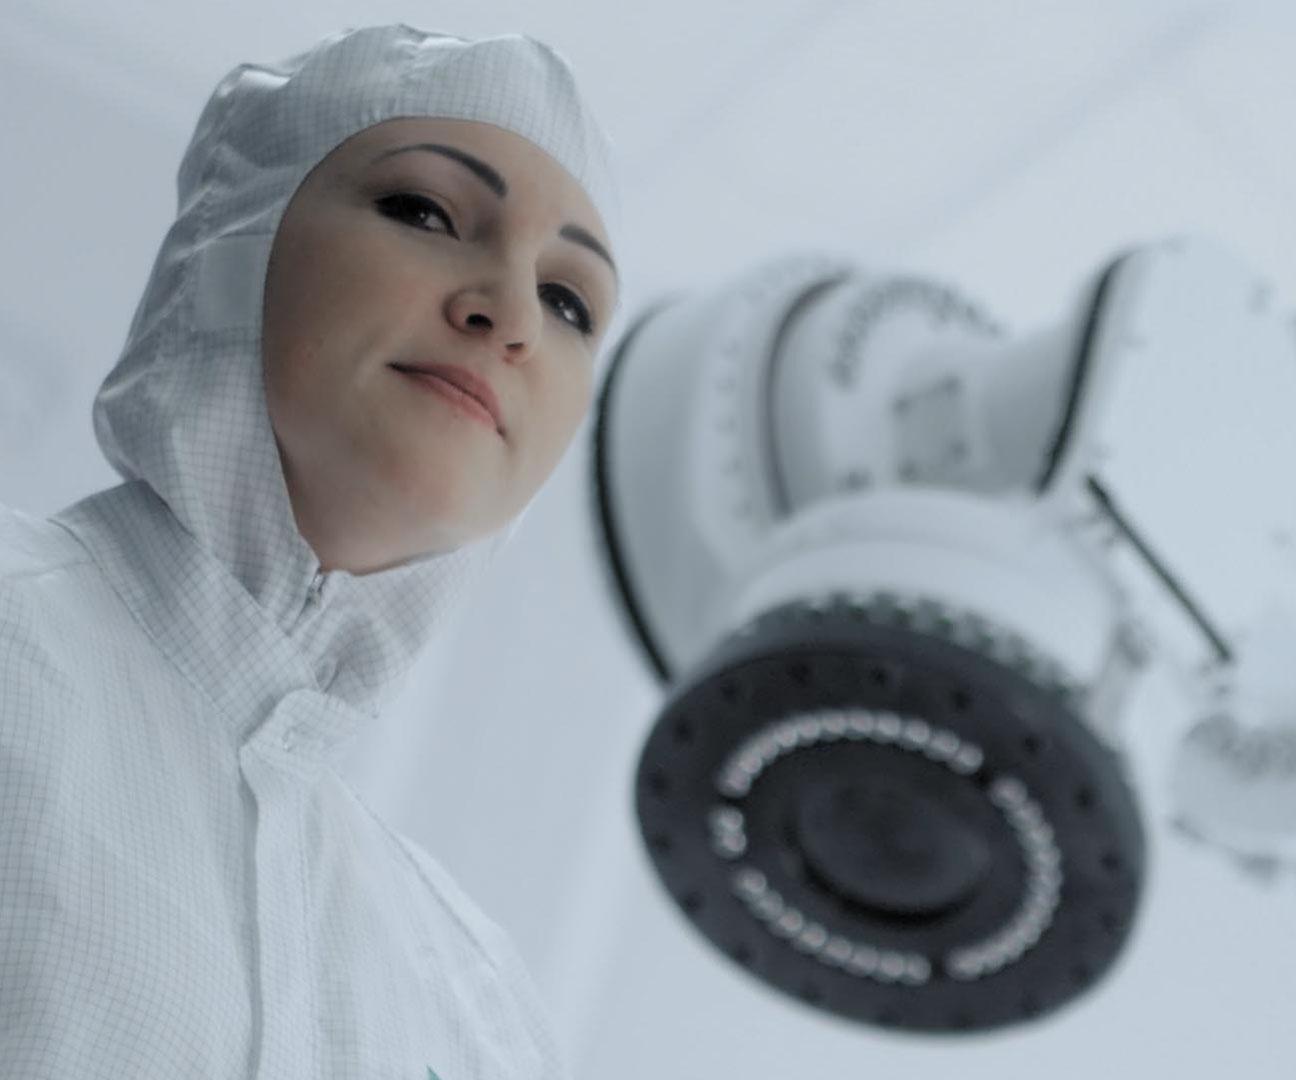 Frau in Schutzanzug vor einer Maschine